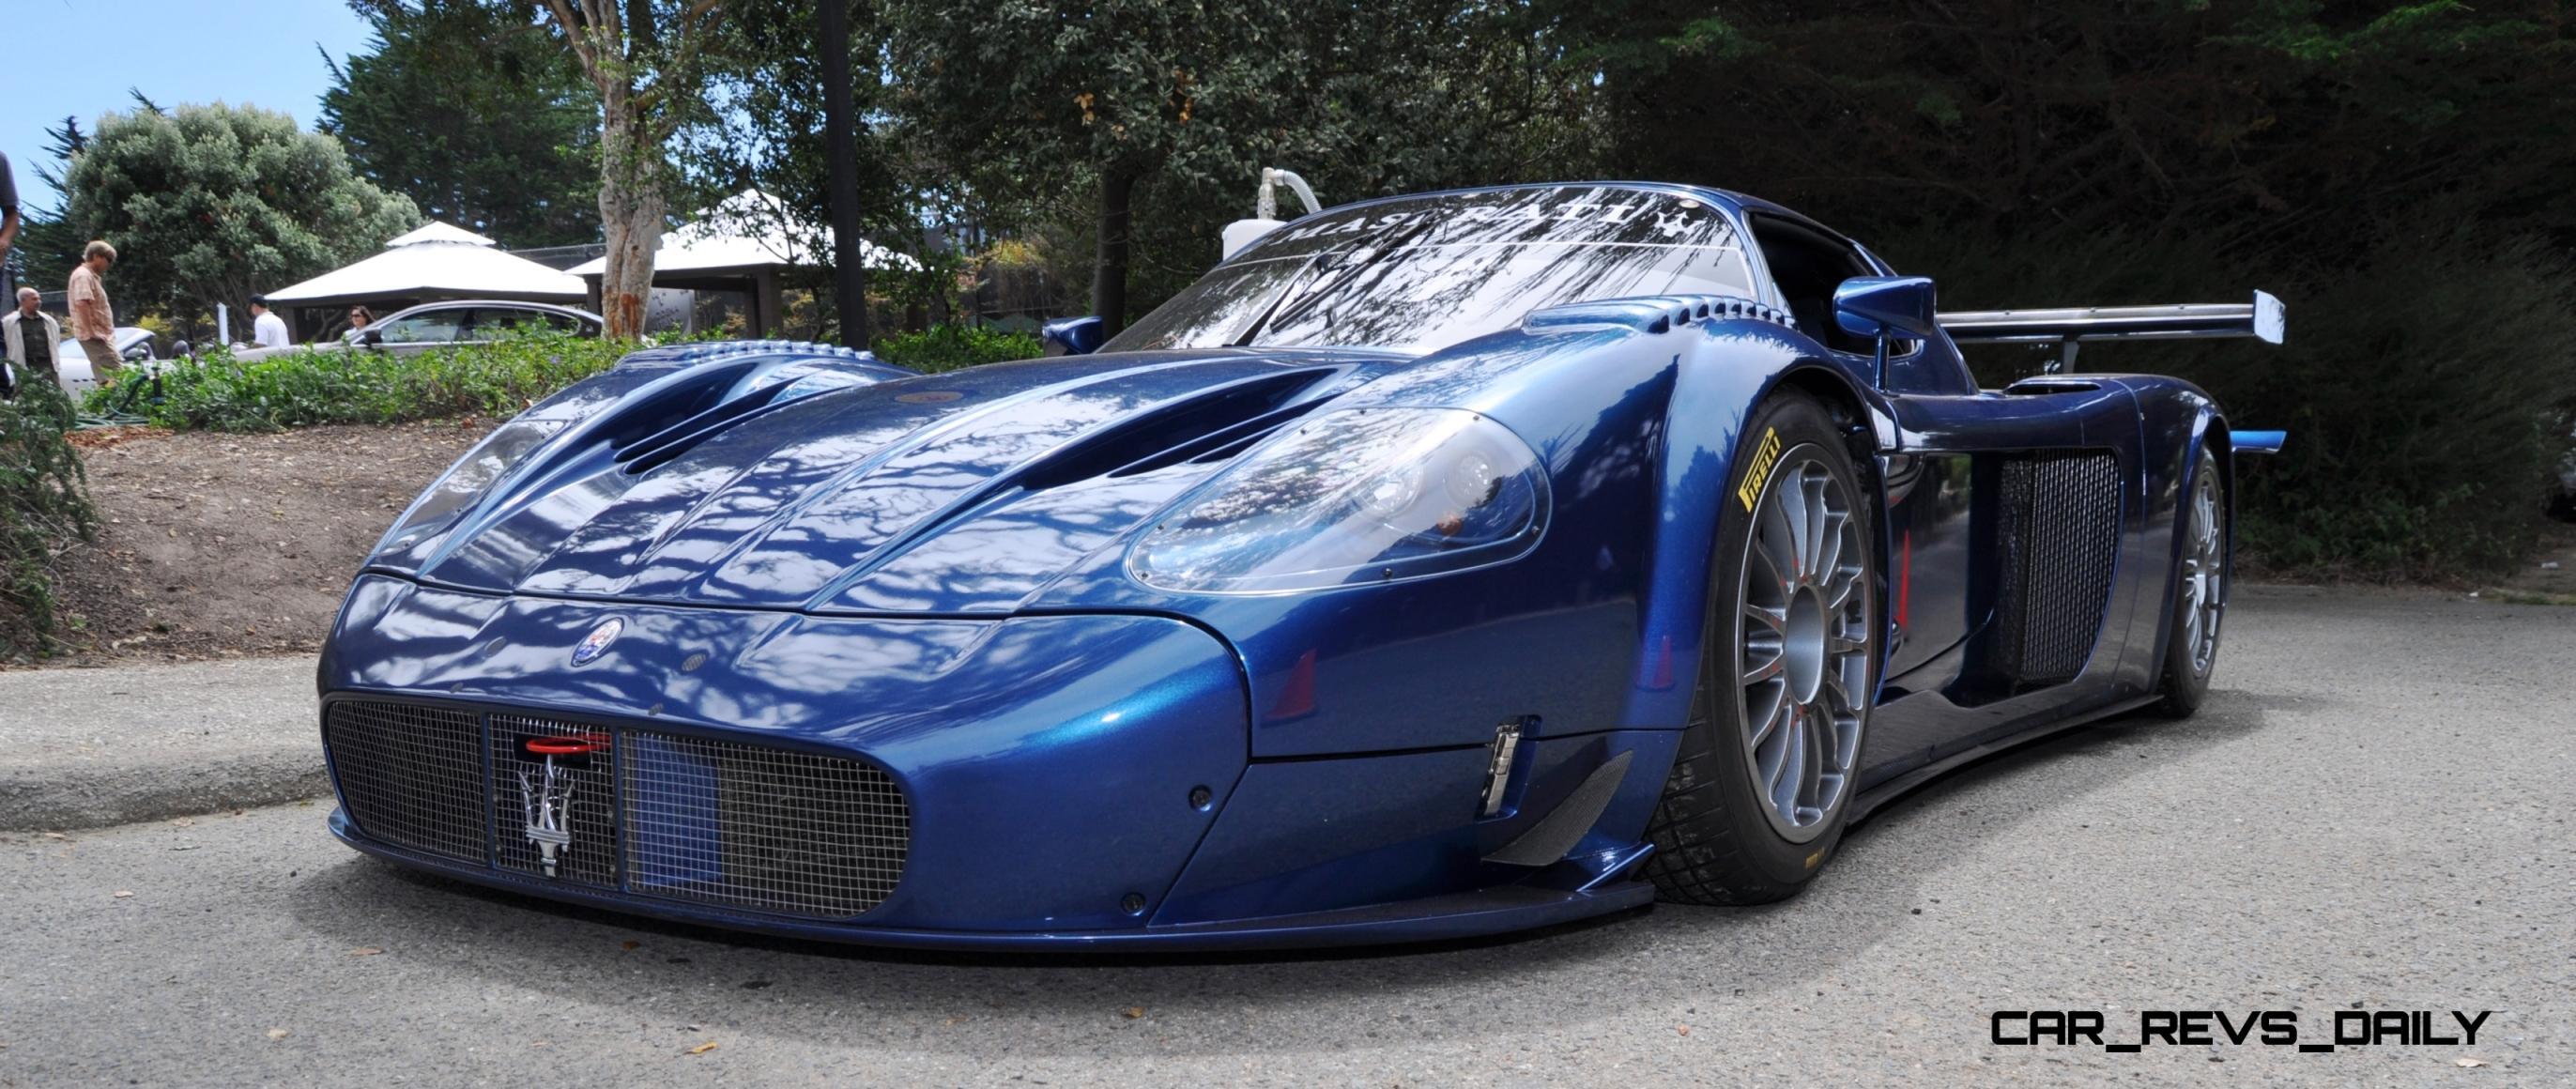 http://www.car-revs-daily.com/wp-content/uploads/Car-Revs-Daily.com-2006-Maserati-MC12-Corsa-48.jpg